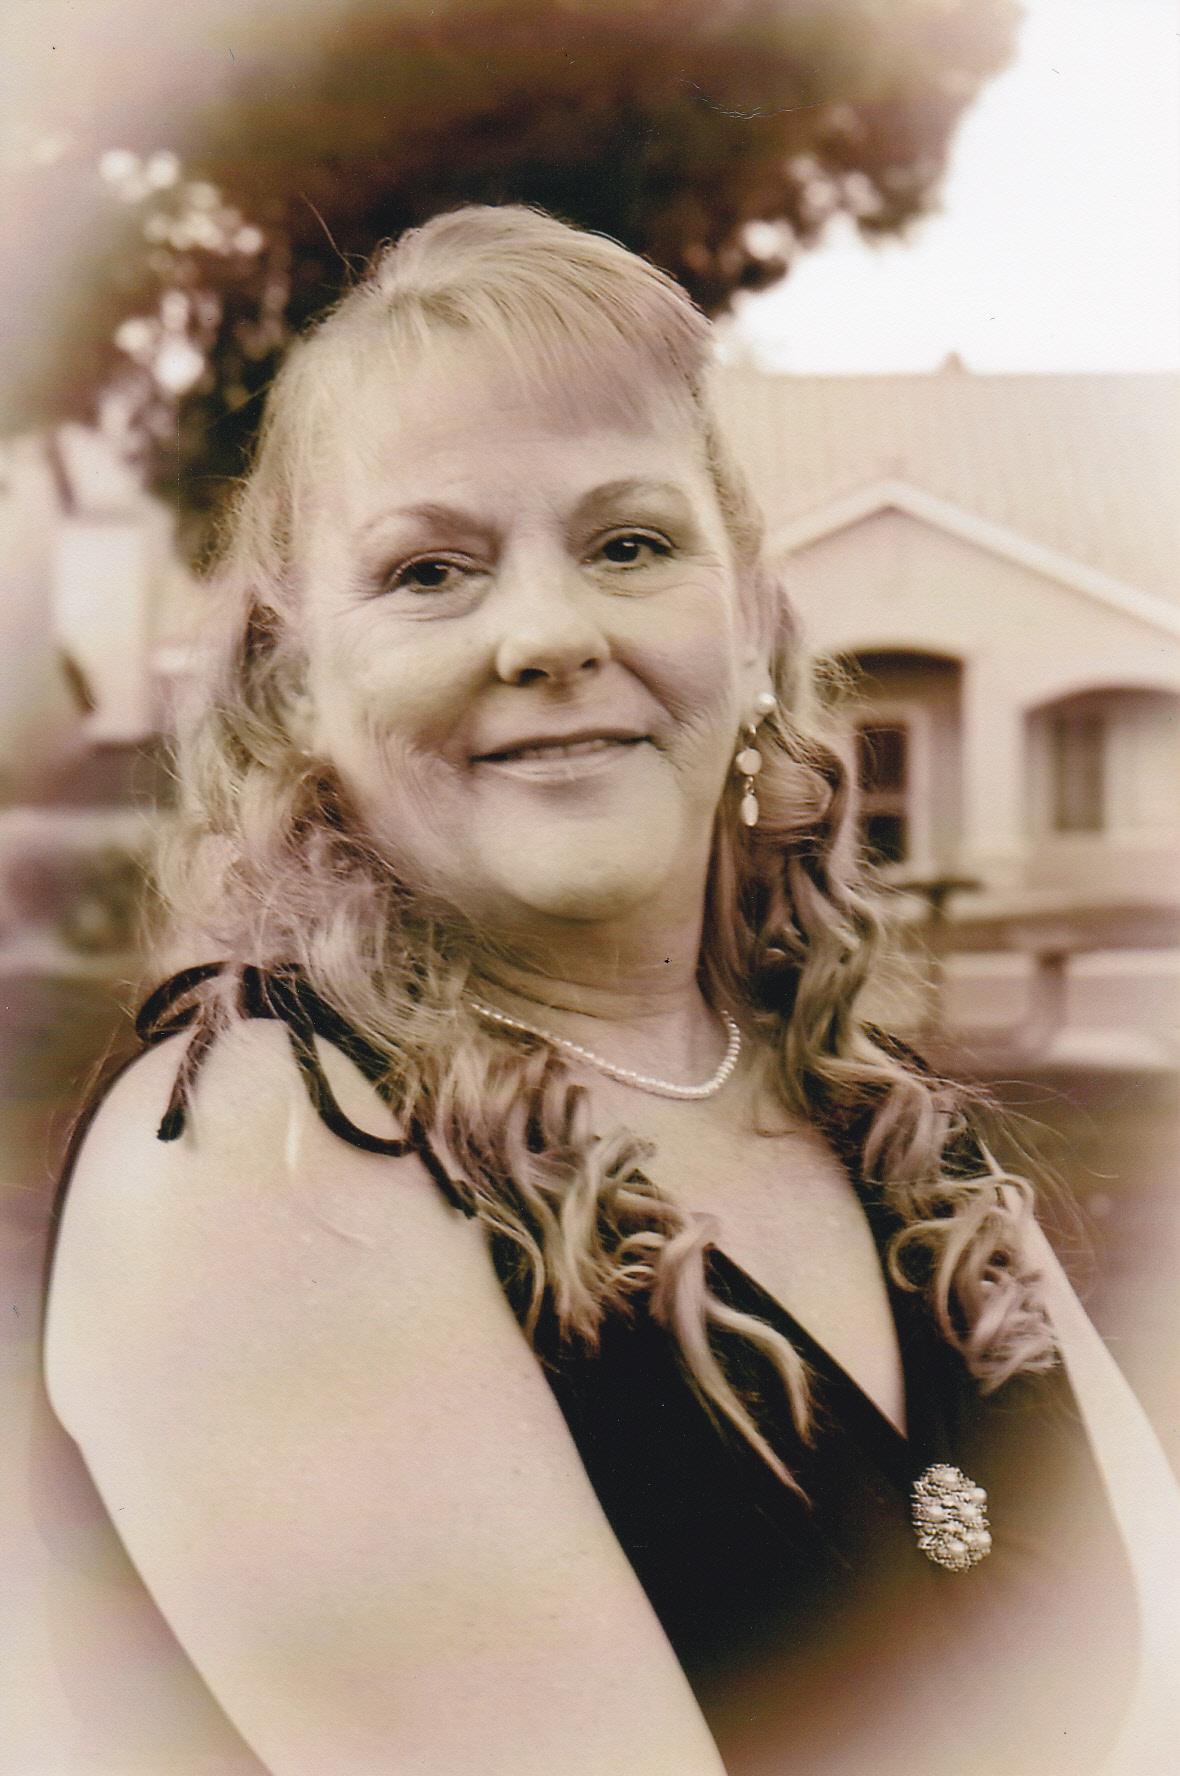 Obituary: Latricia Rae Poston